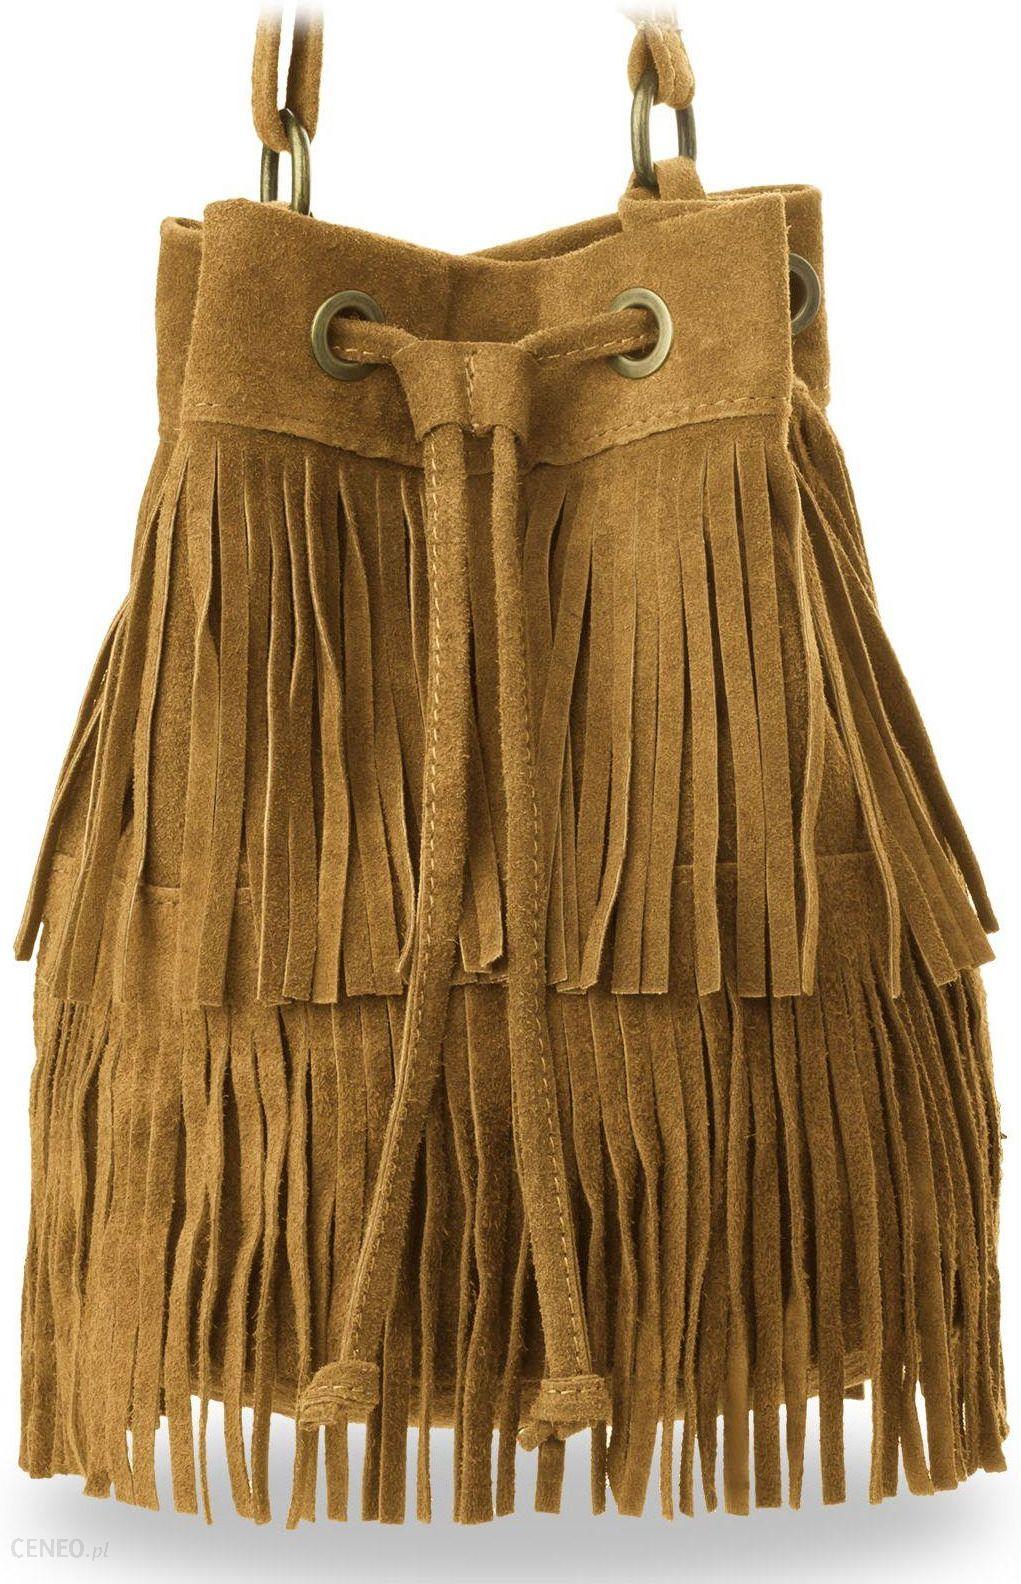 51b870c74e4e2 Sakwa torebka boho worek damski zamsz made in italy hippie - camel -  zdjęcie 1